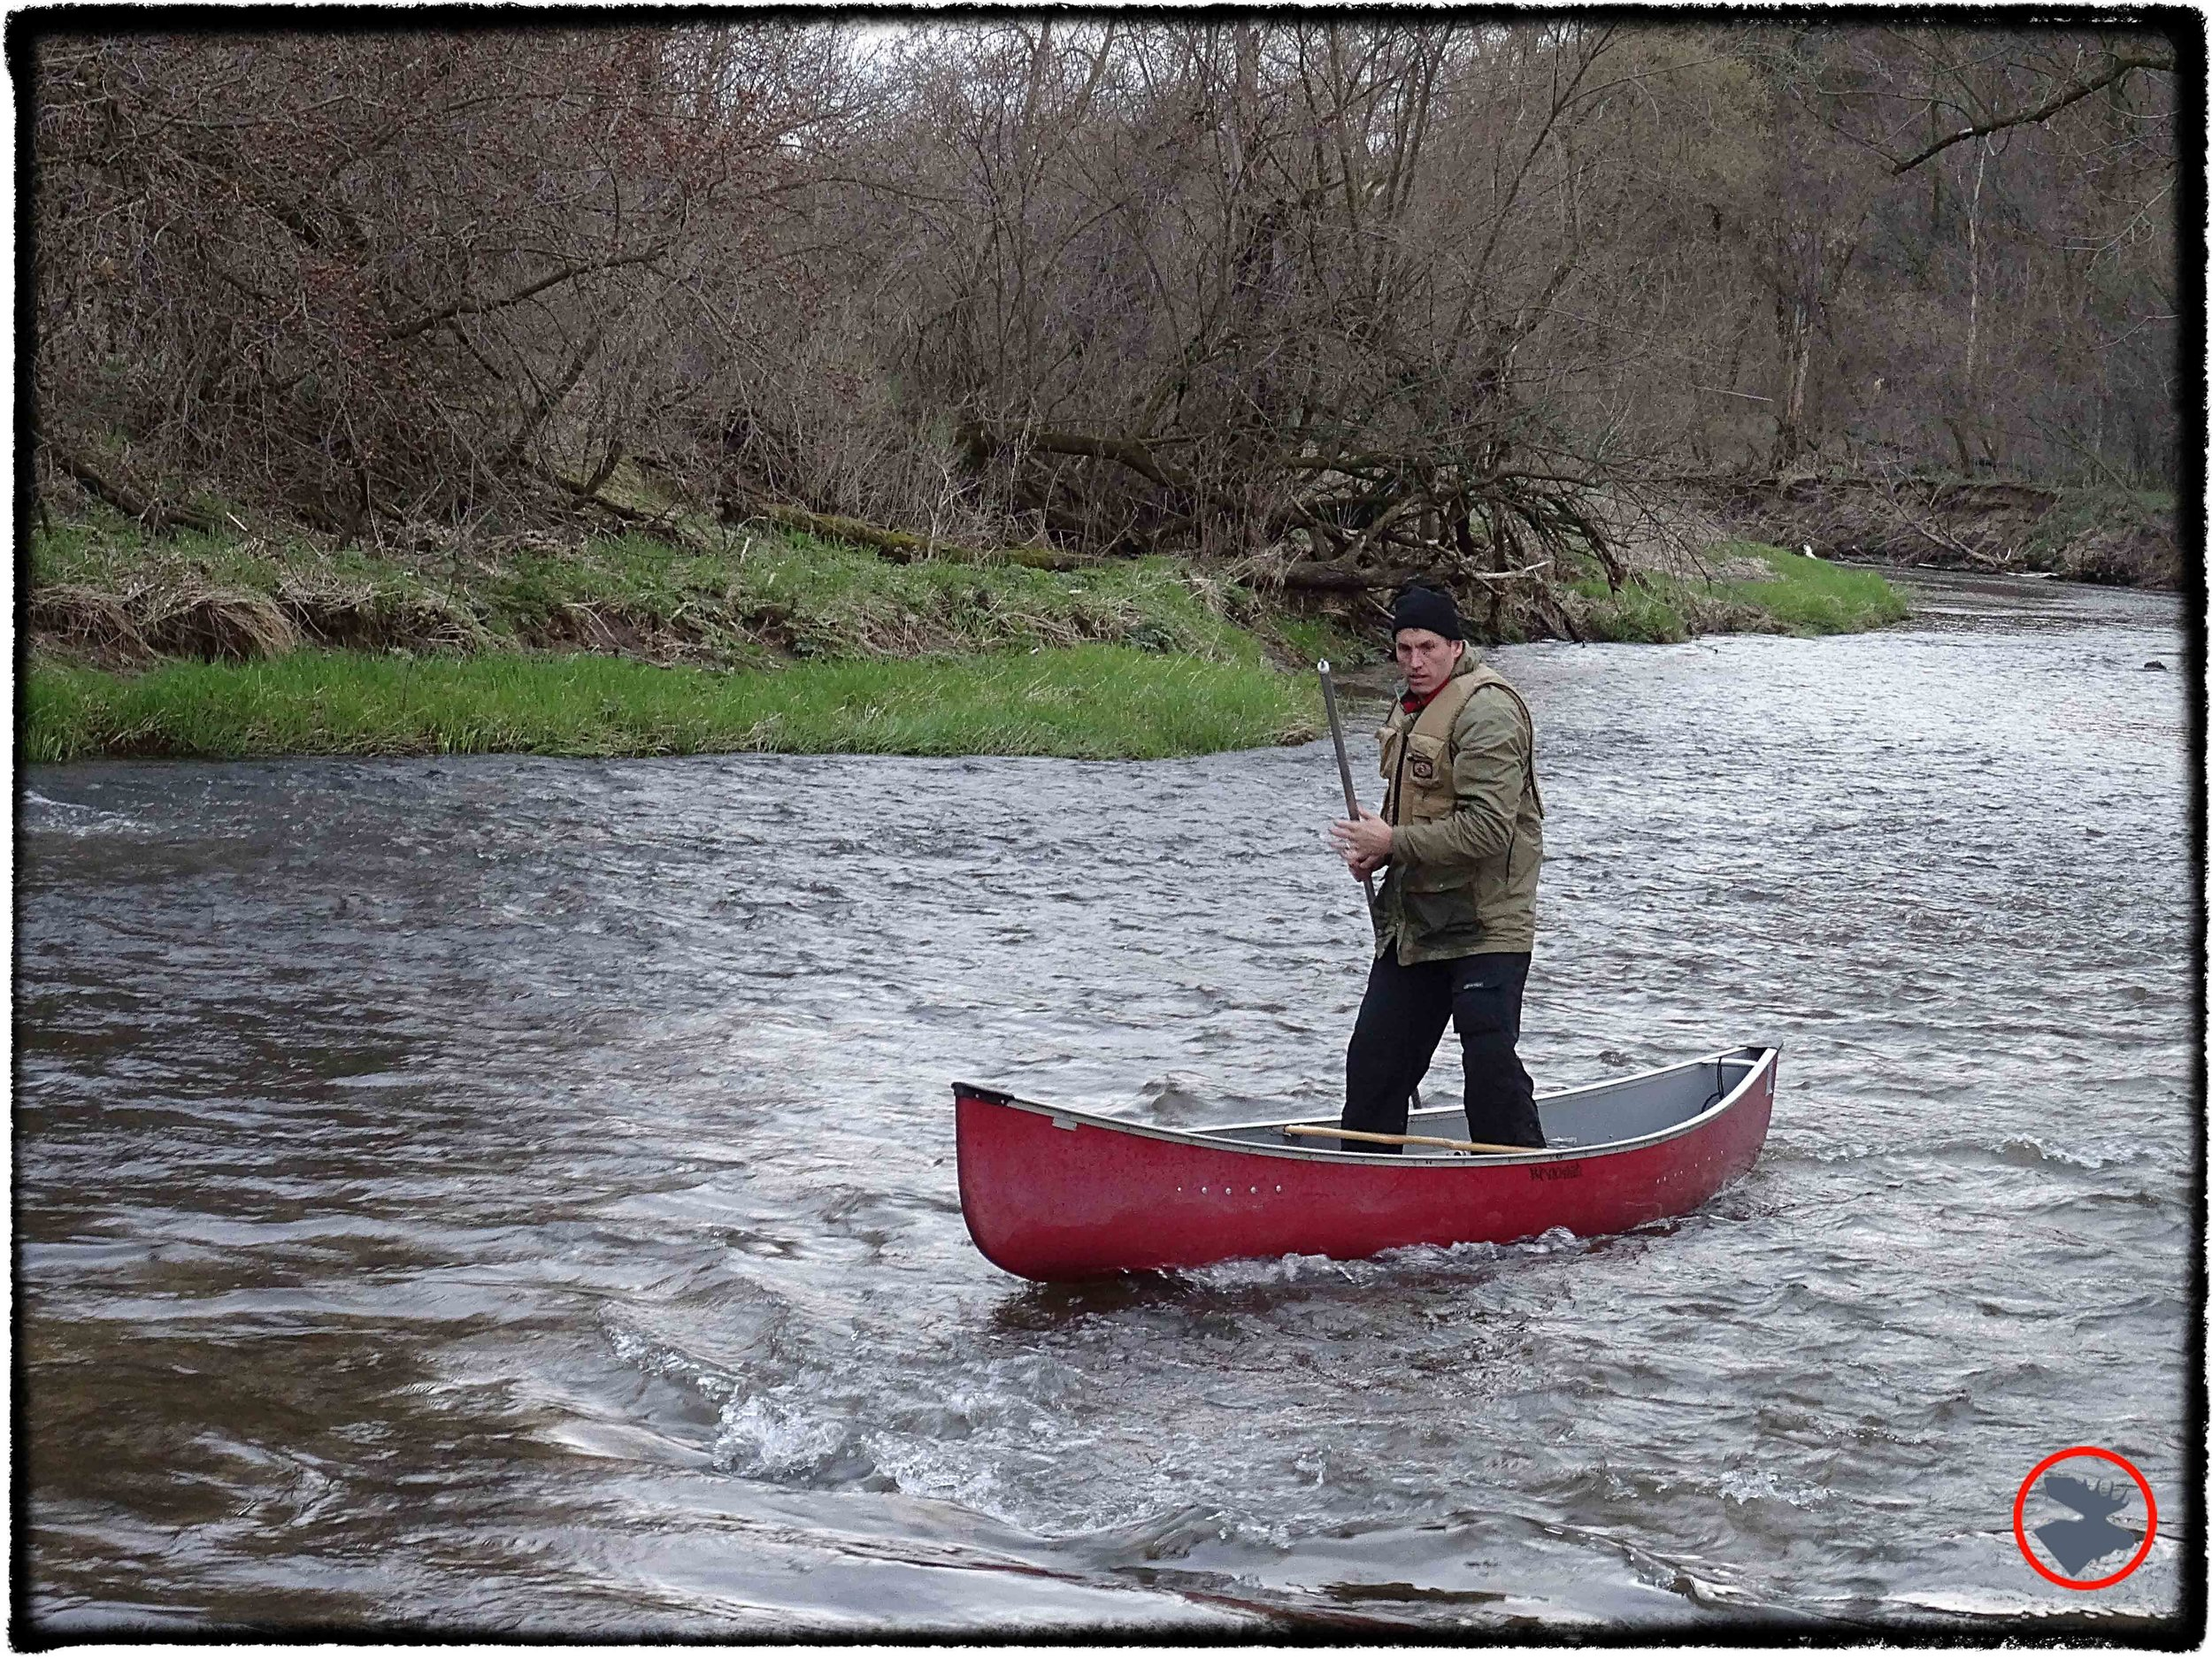 BMP-Post_Kinnickinnic-River_Scott-Canoe-Poling3_May-2014.jpg